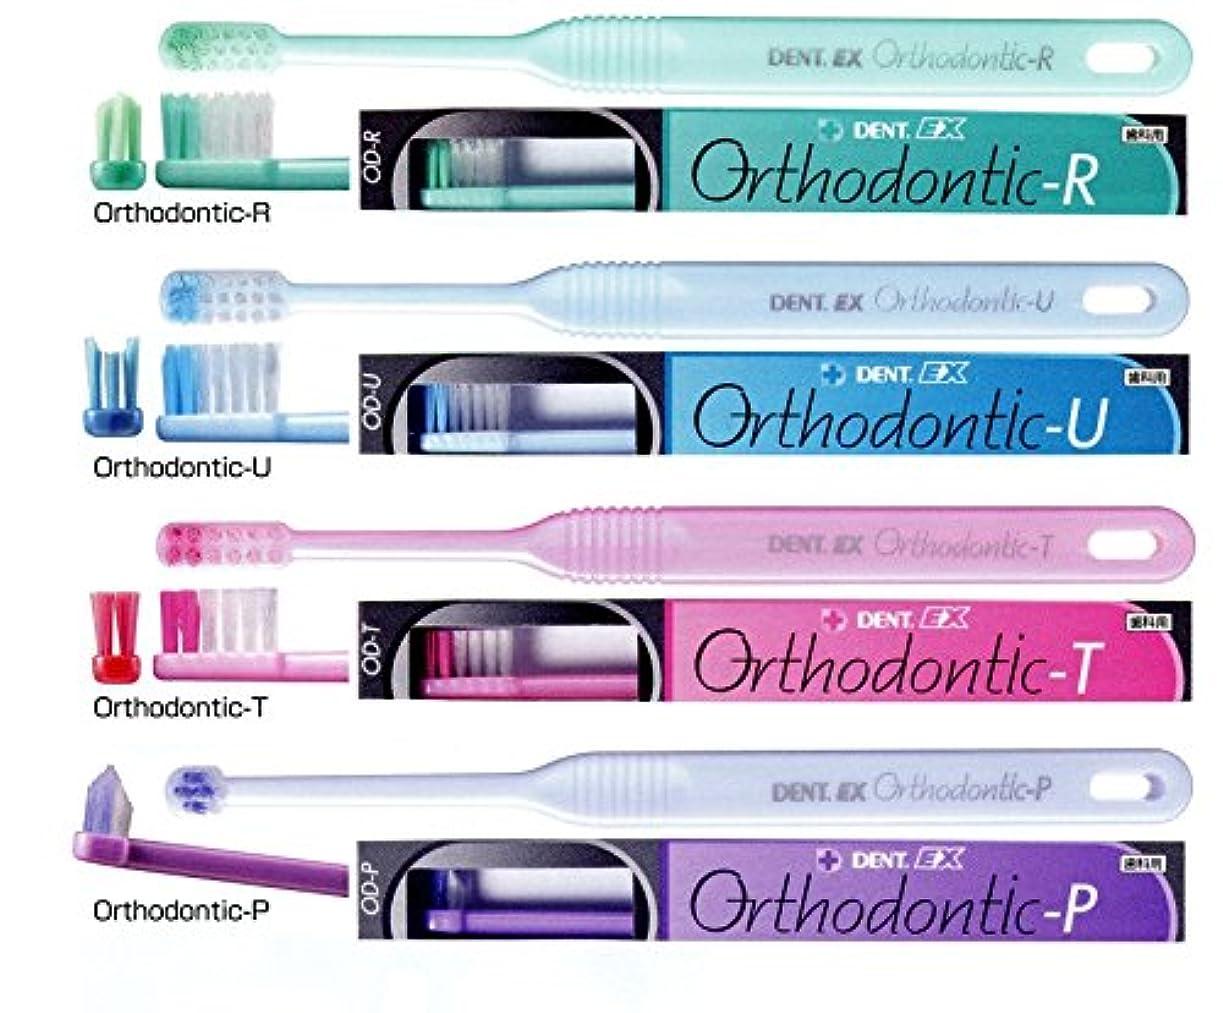 完全に乾く可動インチライオン オルソドンティック 歯ブラシ DENT.EX Orthodontic-P/パールパープル